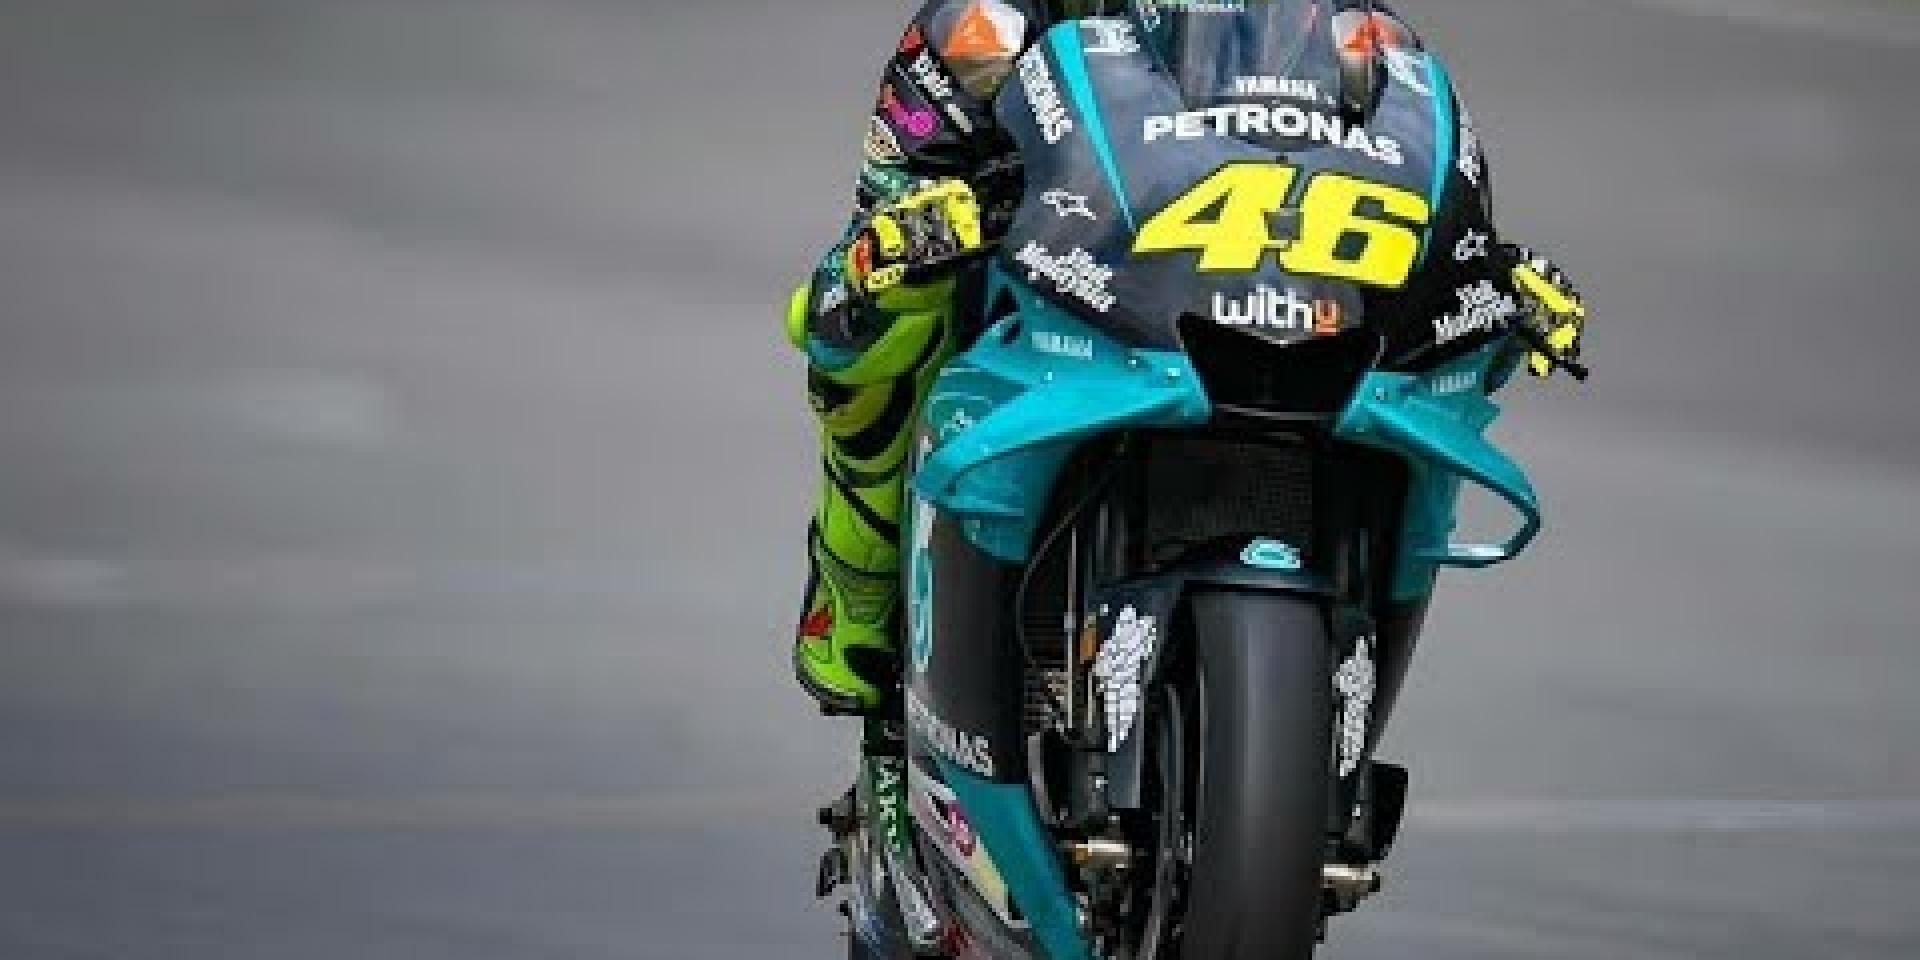 師父駕到!Franco Morbidelli:我可以肯定Valentino Rossi會為Petronas帶來不同的刺激!